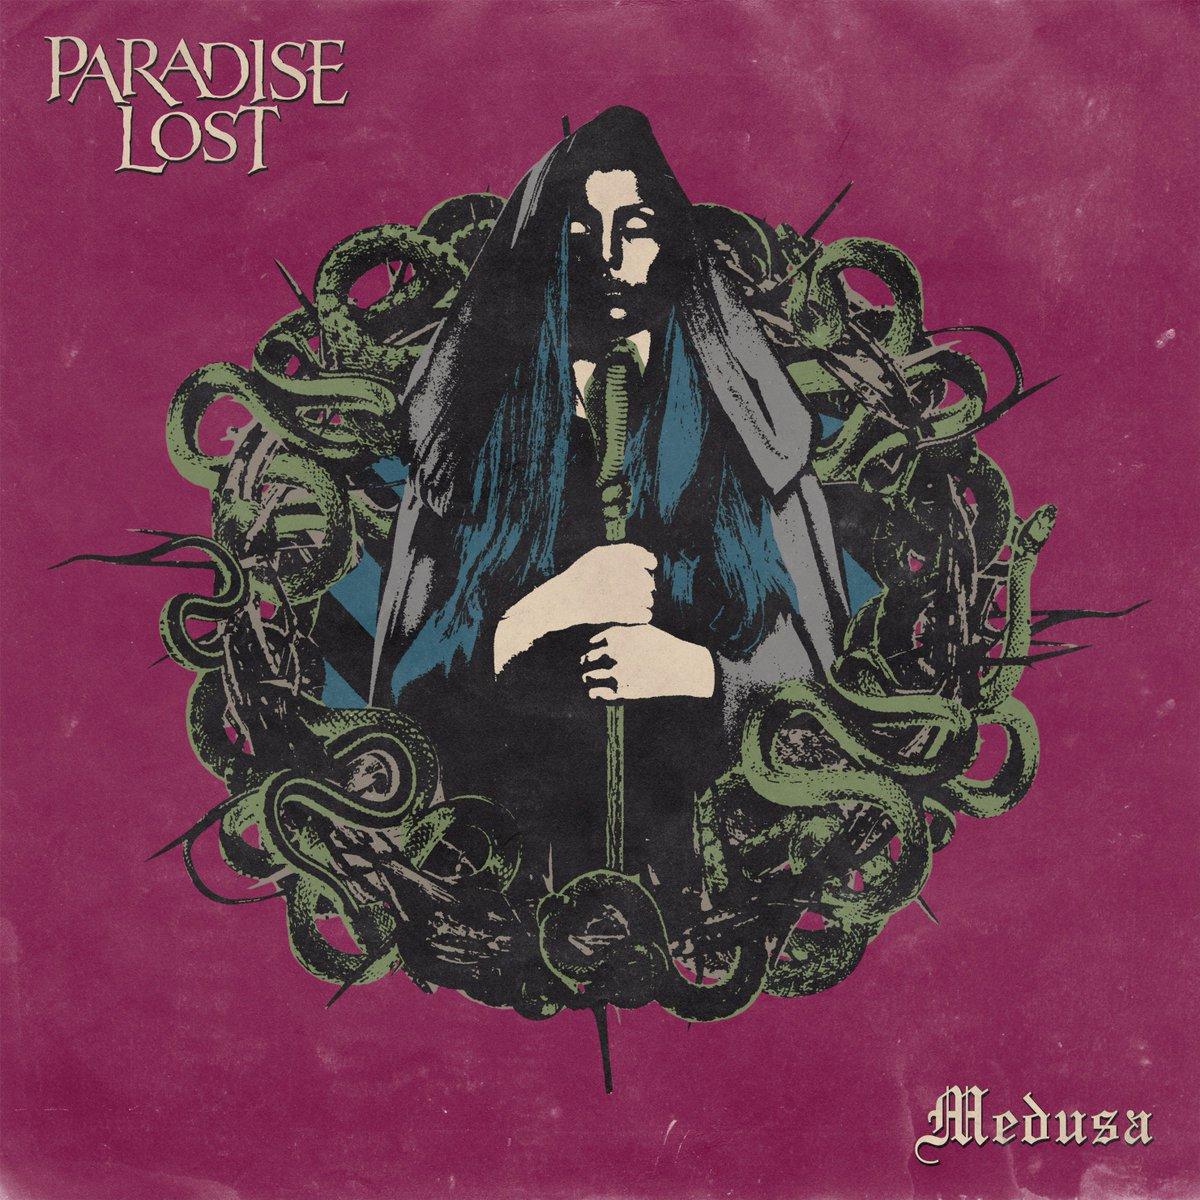 Paradise Lost y los goticmetaleros de los 90 - Página 8 DBowCmeXcAQ0P0H